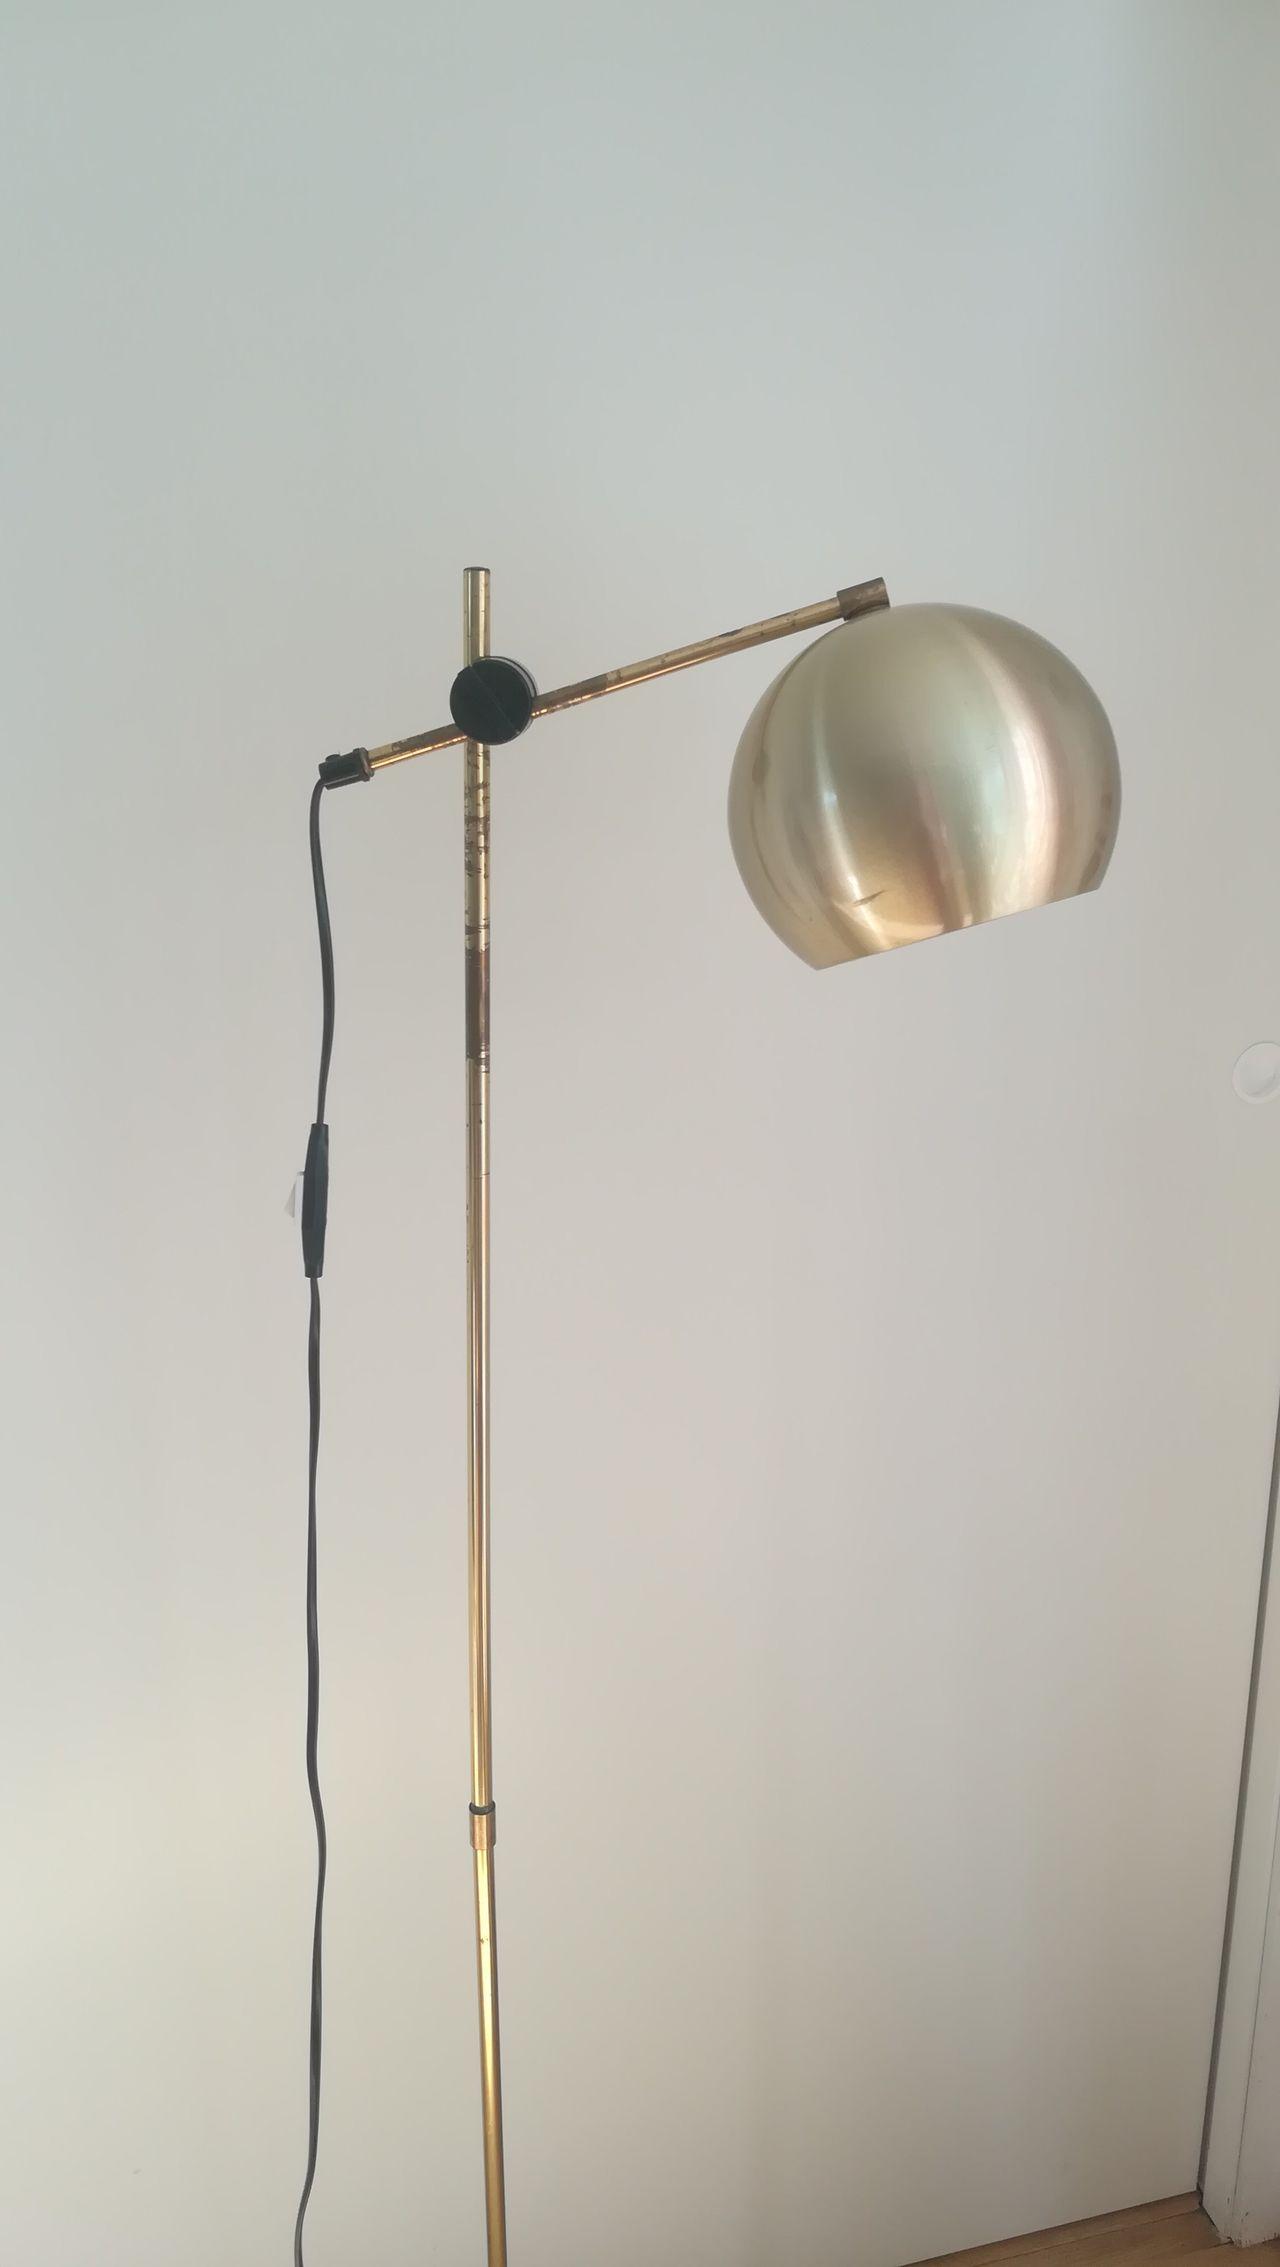 Sunday, med en side for lyspære, og en Klavestad Lamper